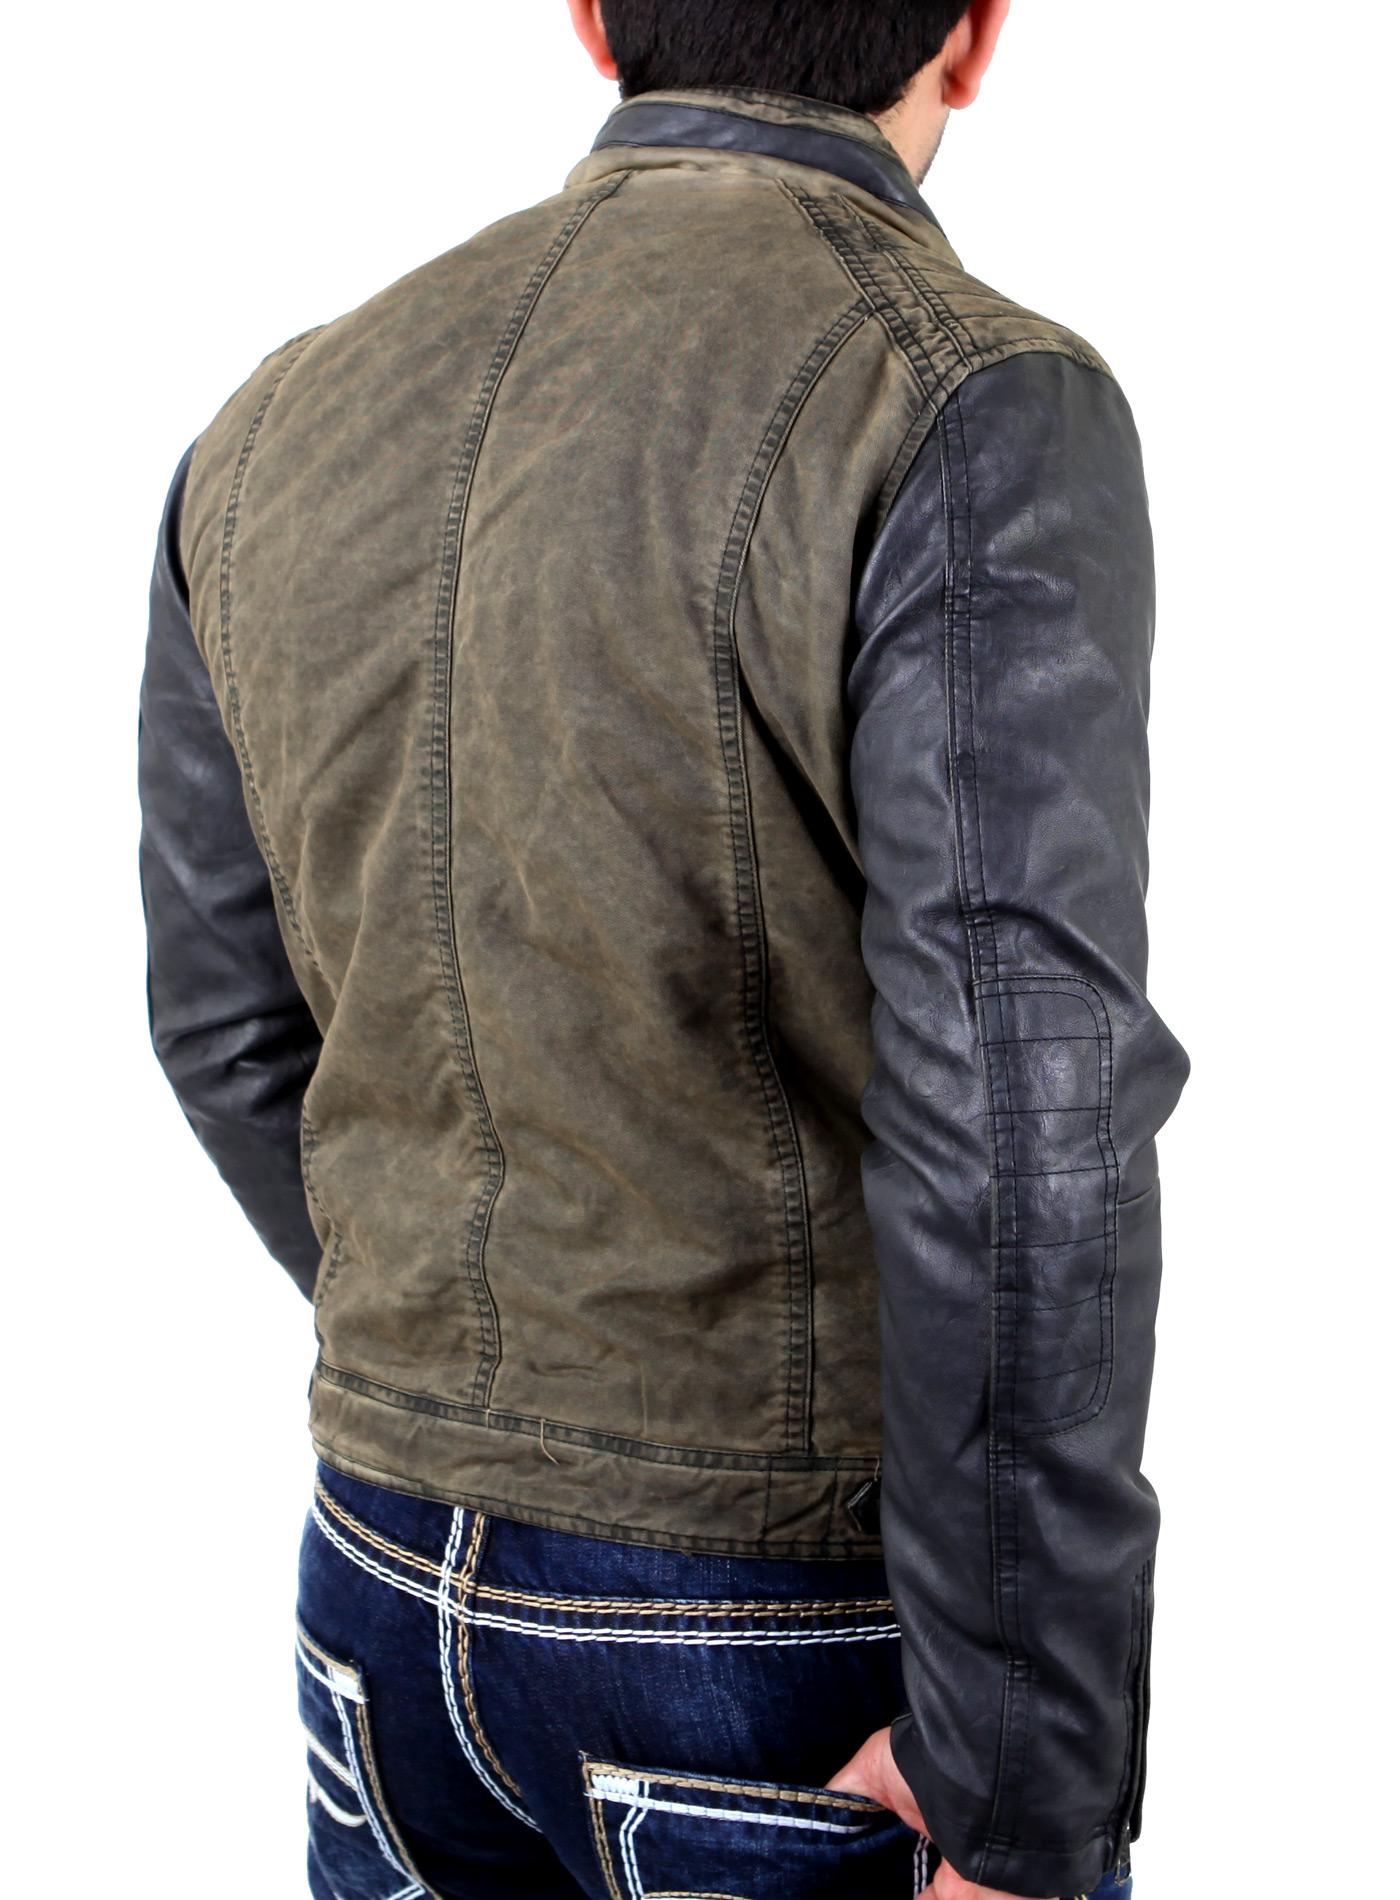 Original Polizei Lederjacke schwarz Polizei Jacke - BW